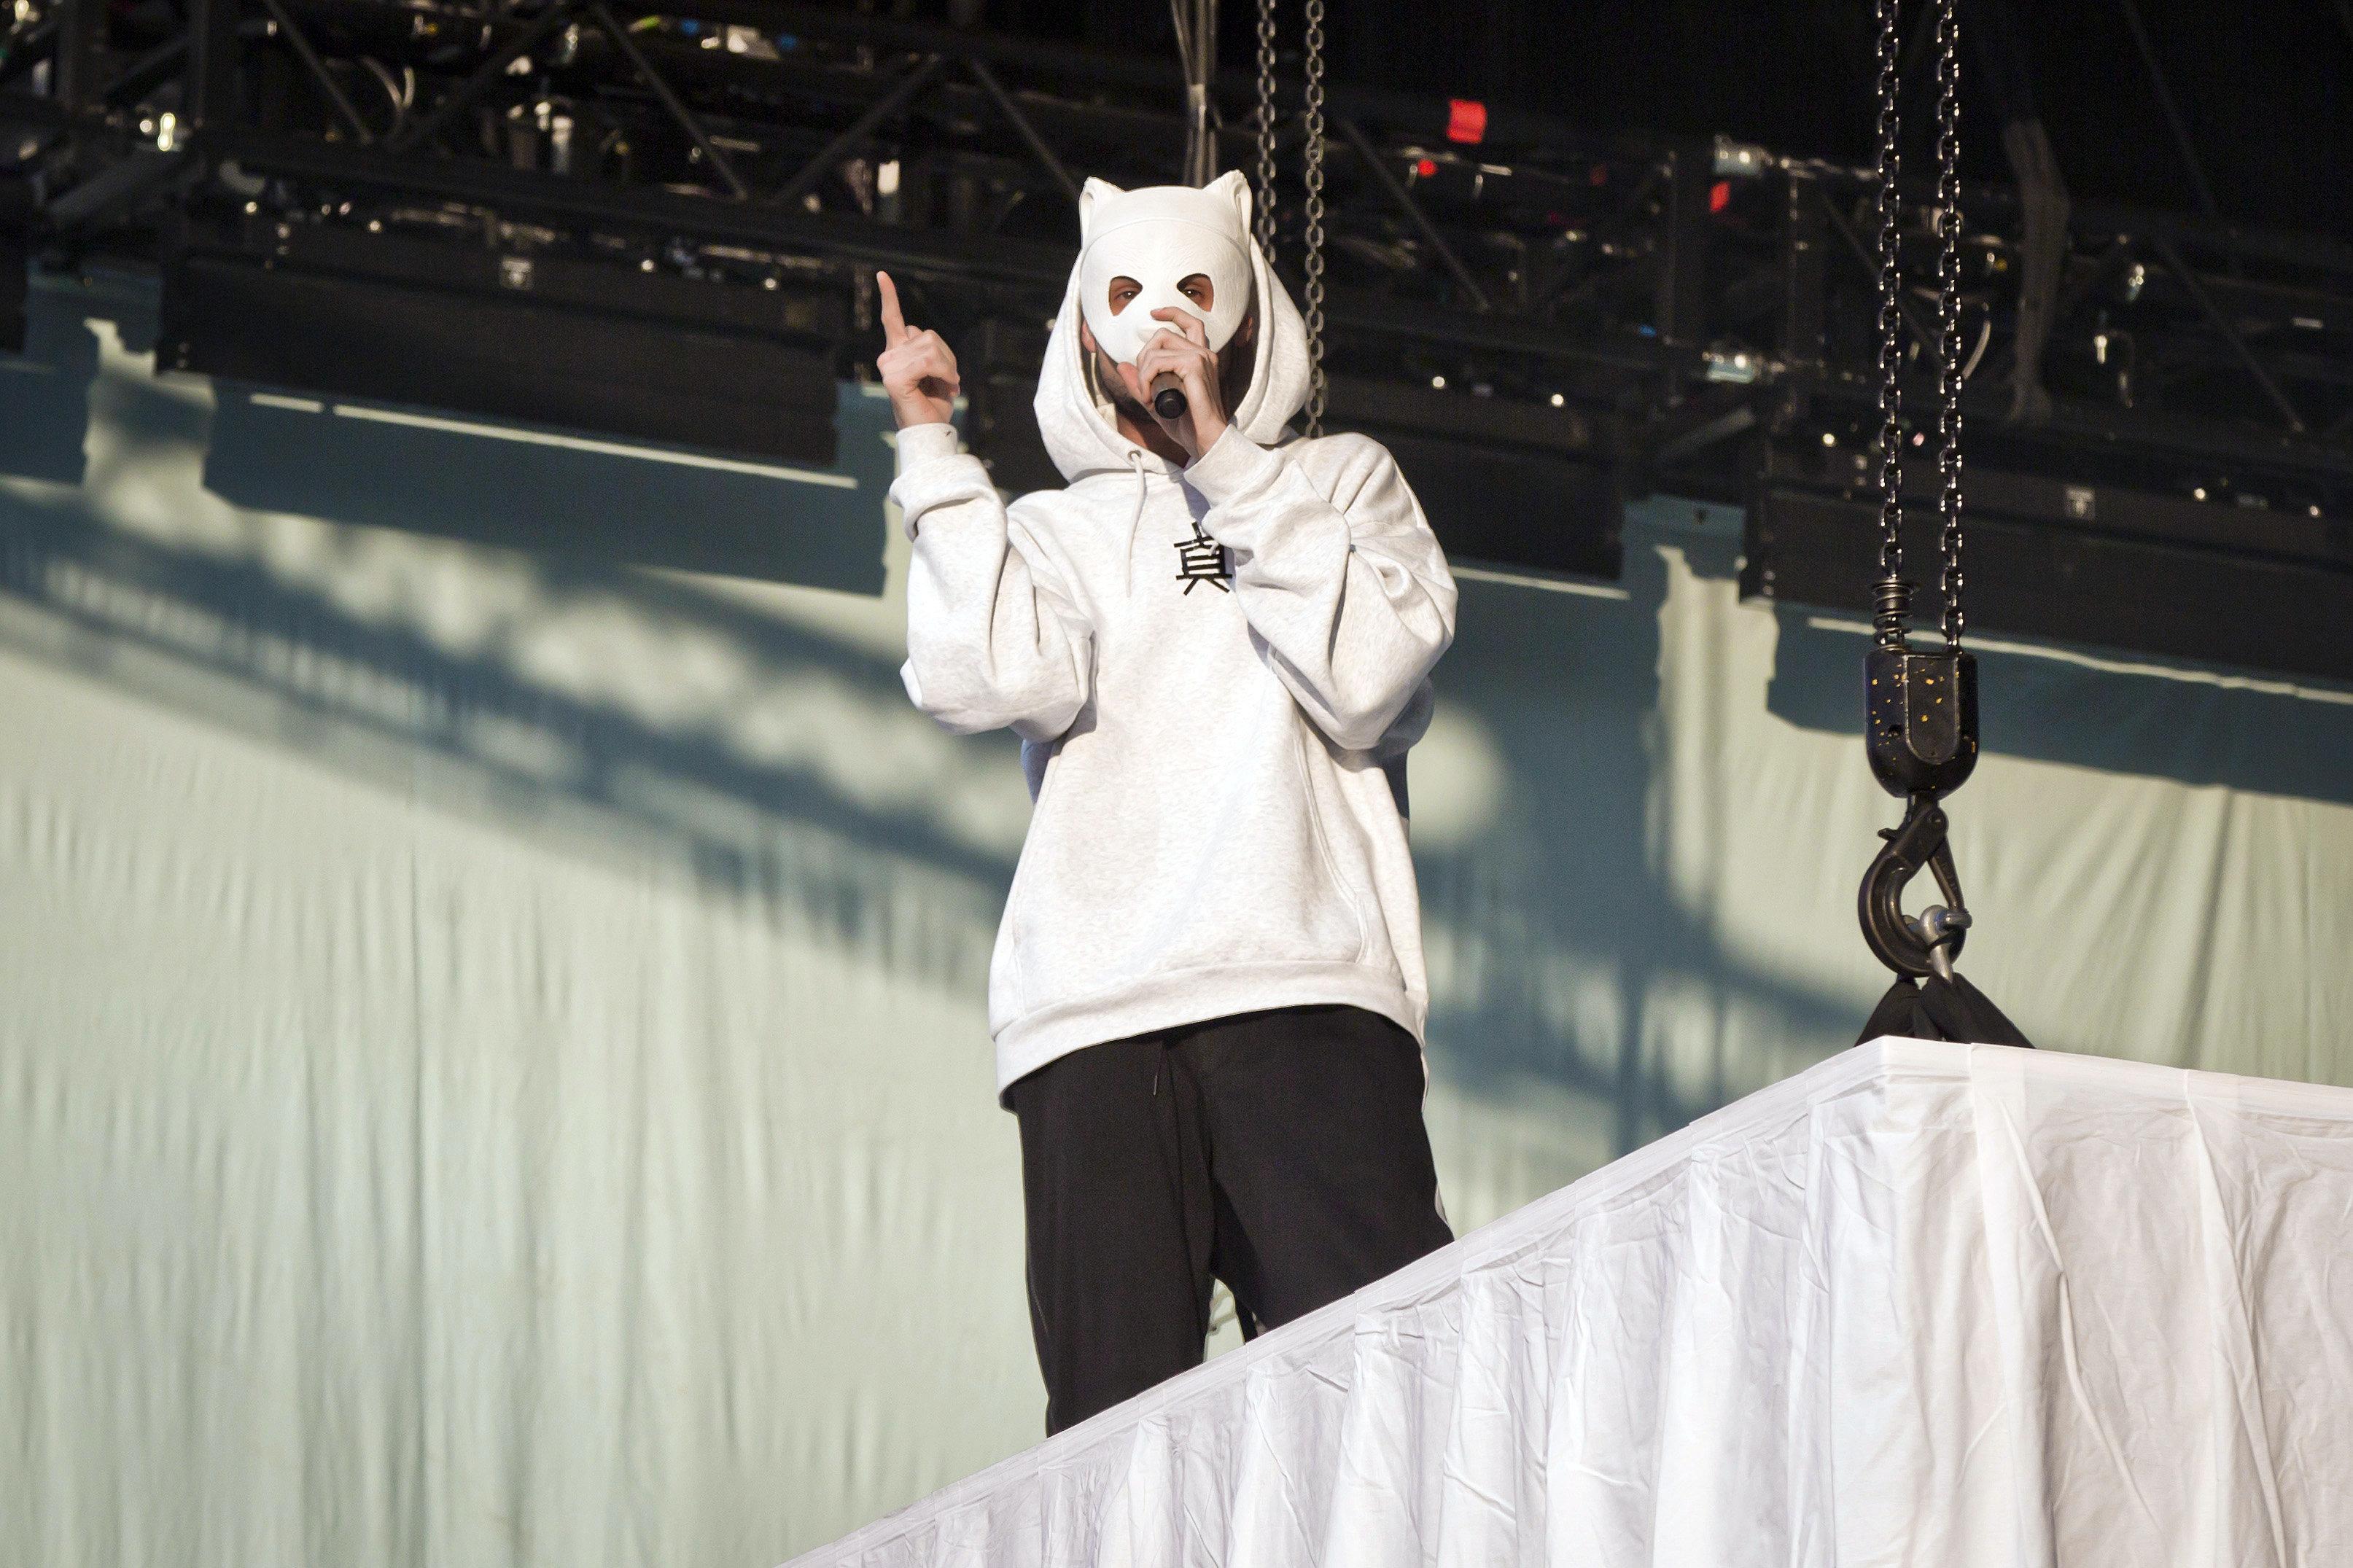 Rapper Cro zeigt sich das erste Mal ohne Maske und die Fans flippen